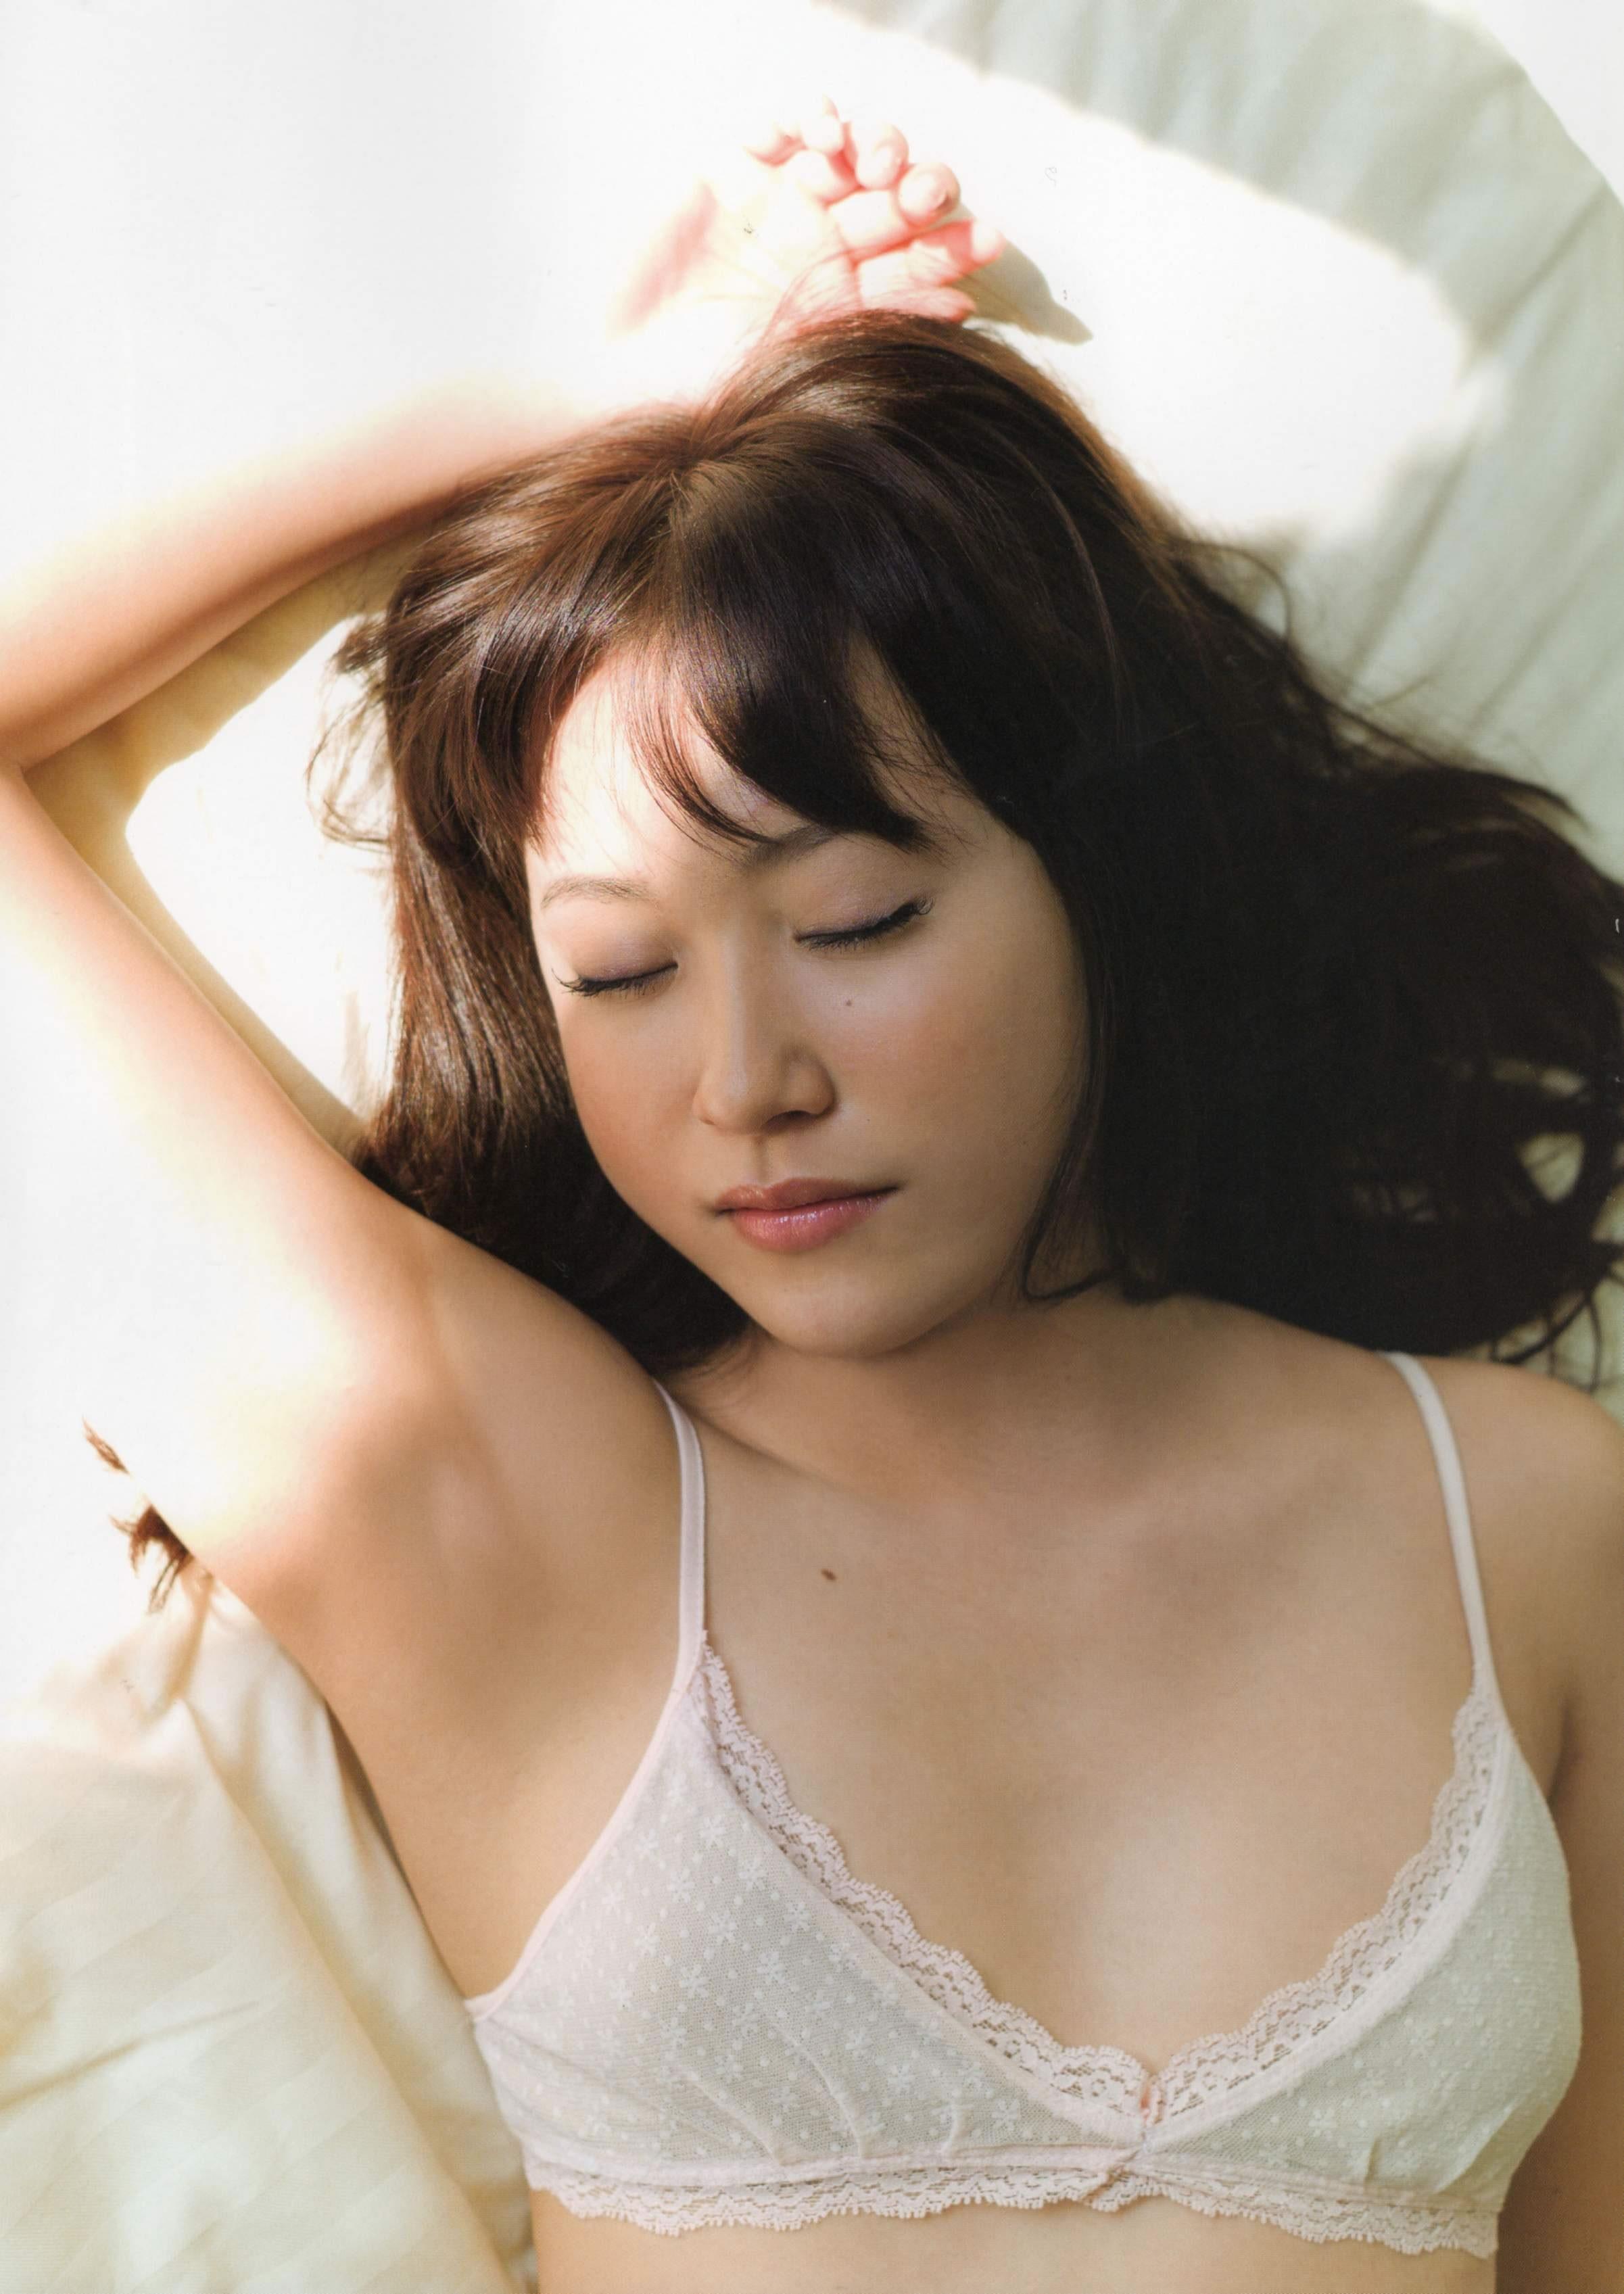 衛藤美彩 エロ画像 27